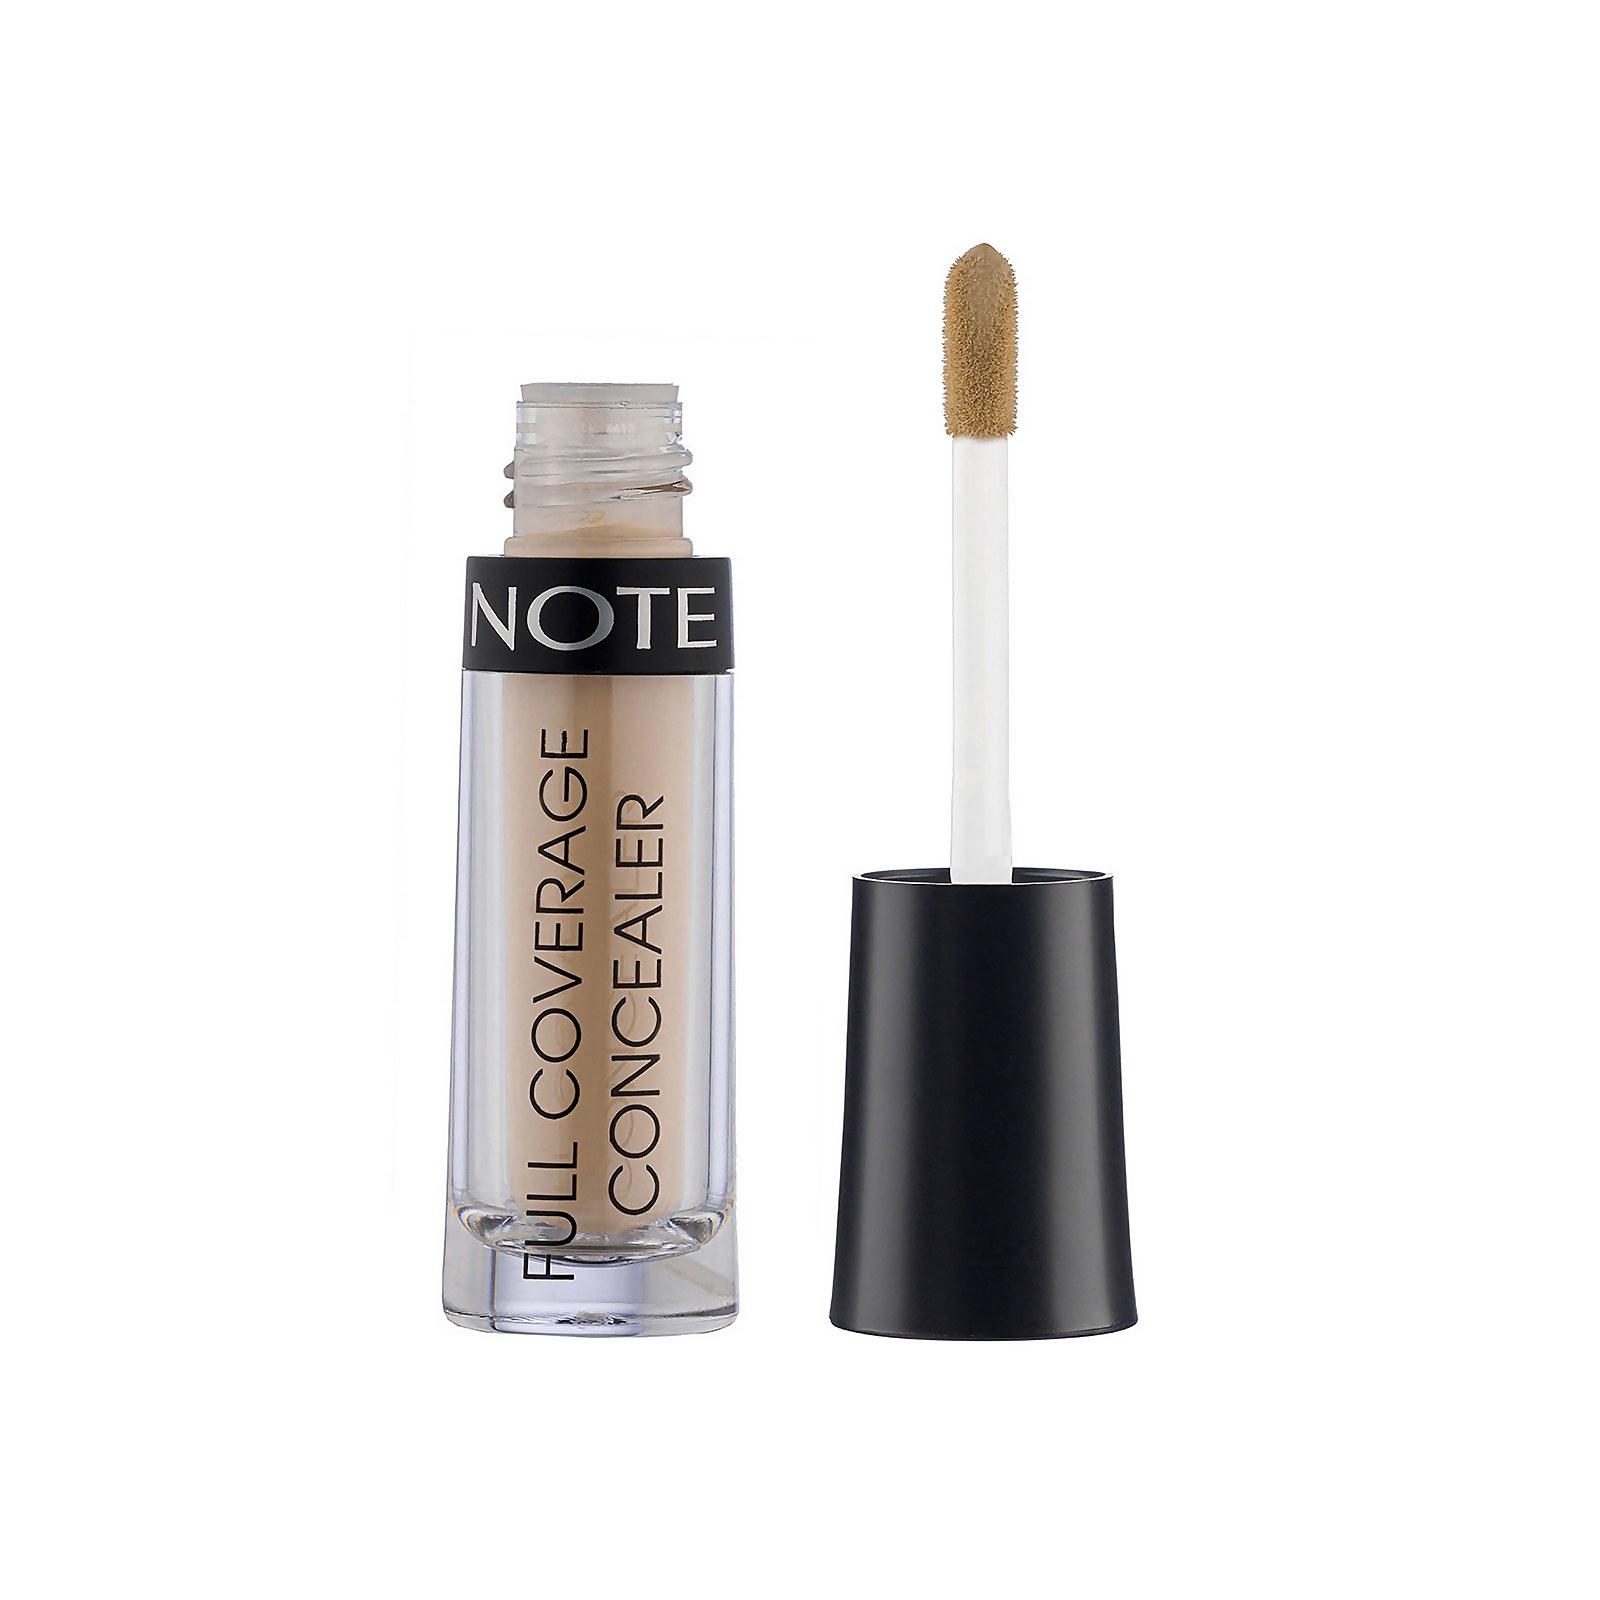 Купить Жидкий консилер Note Cosmetics Full Coverage Liquid Concealer 2, 3 мл (различные оттенки) - 03 Sand